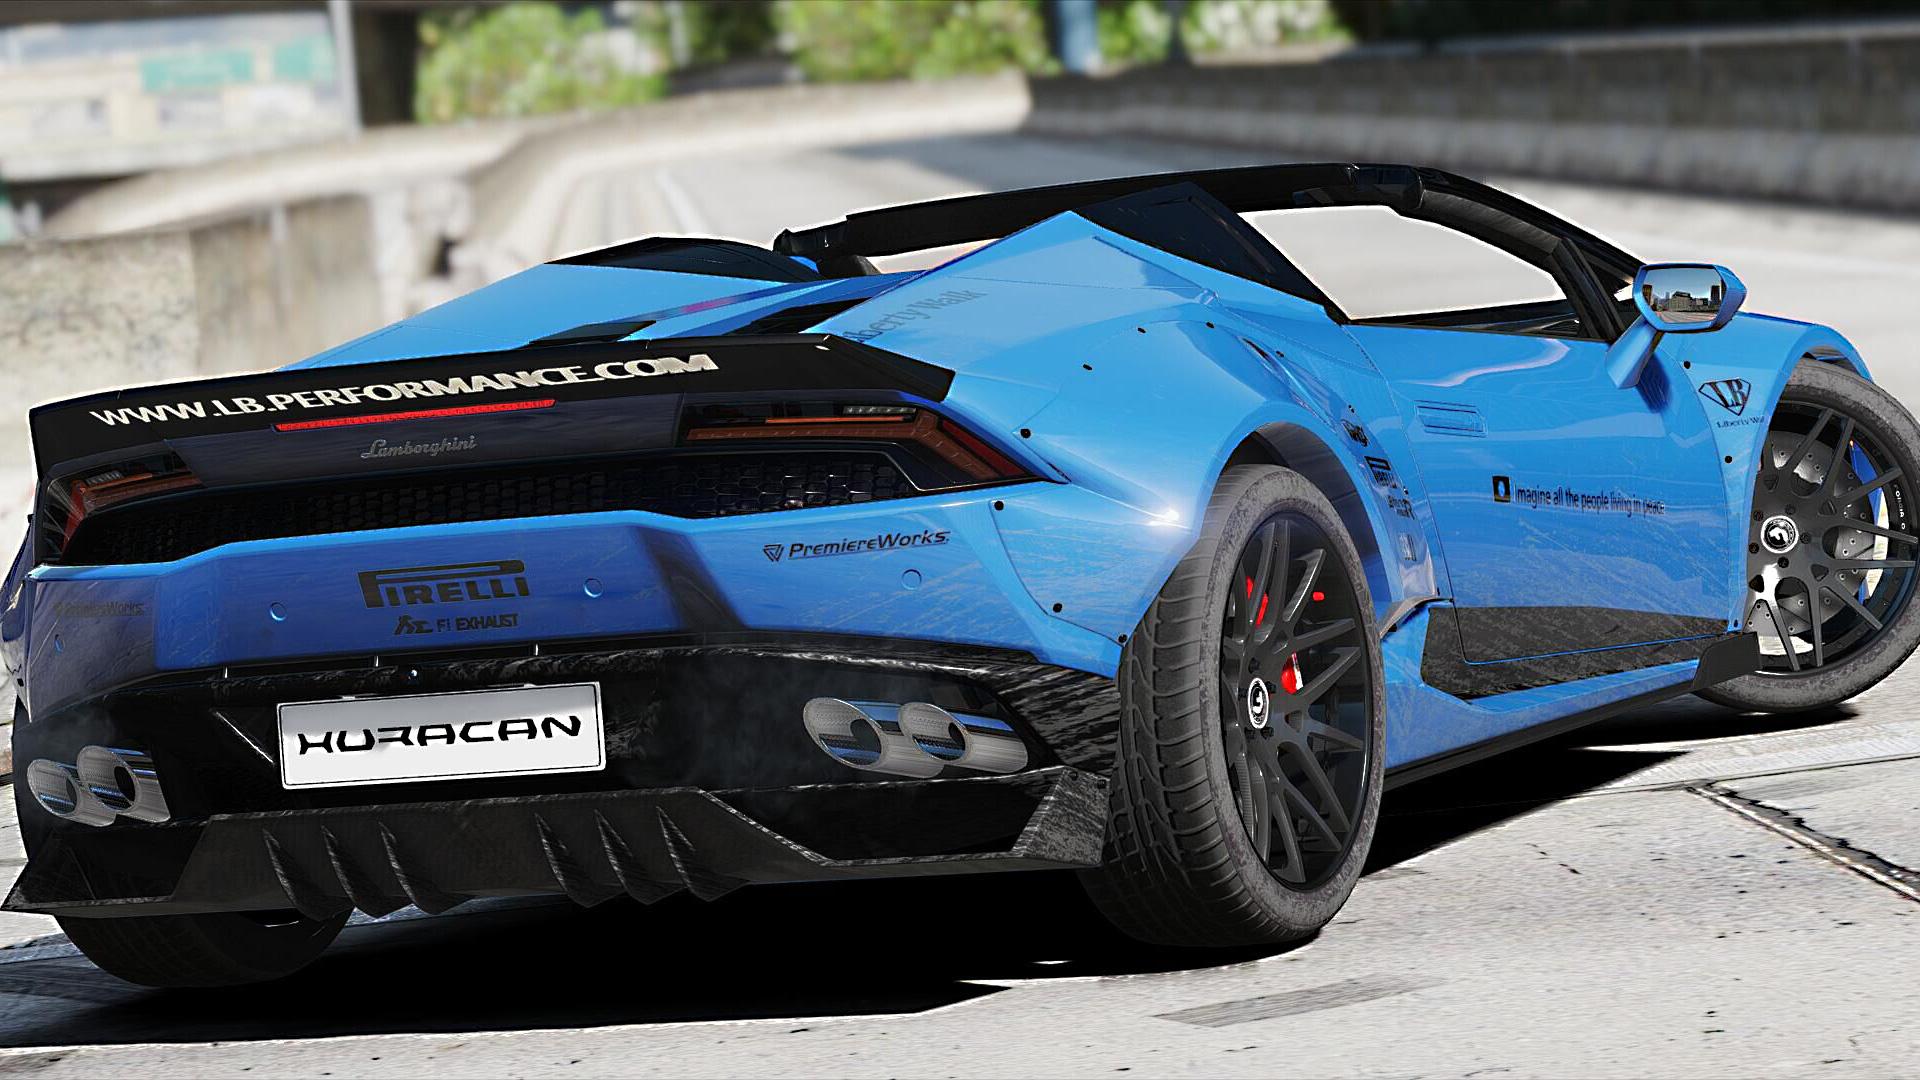 Lamborghini Huracan Spyder Liberty Walk Paintjob GTA5